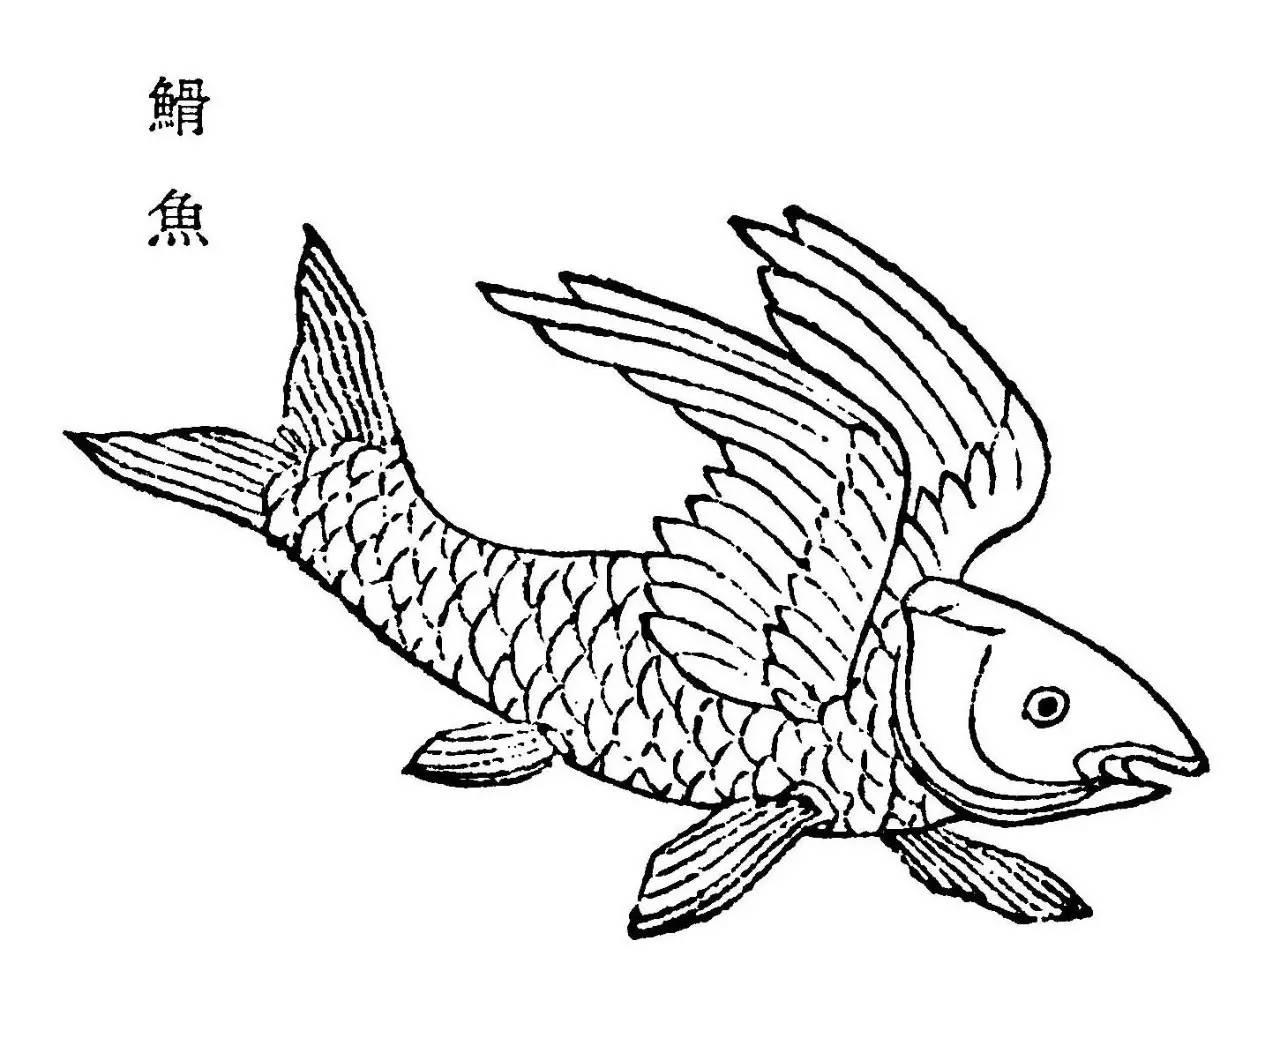 山海经 里的鱼与怪鱼